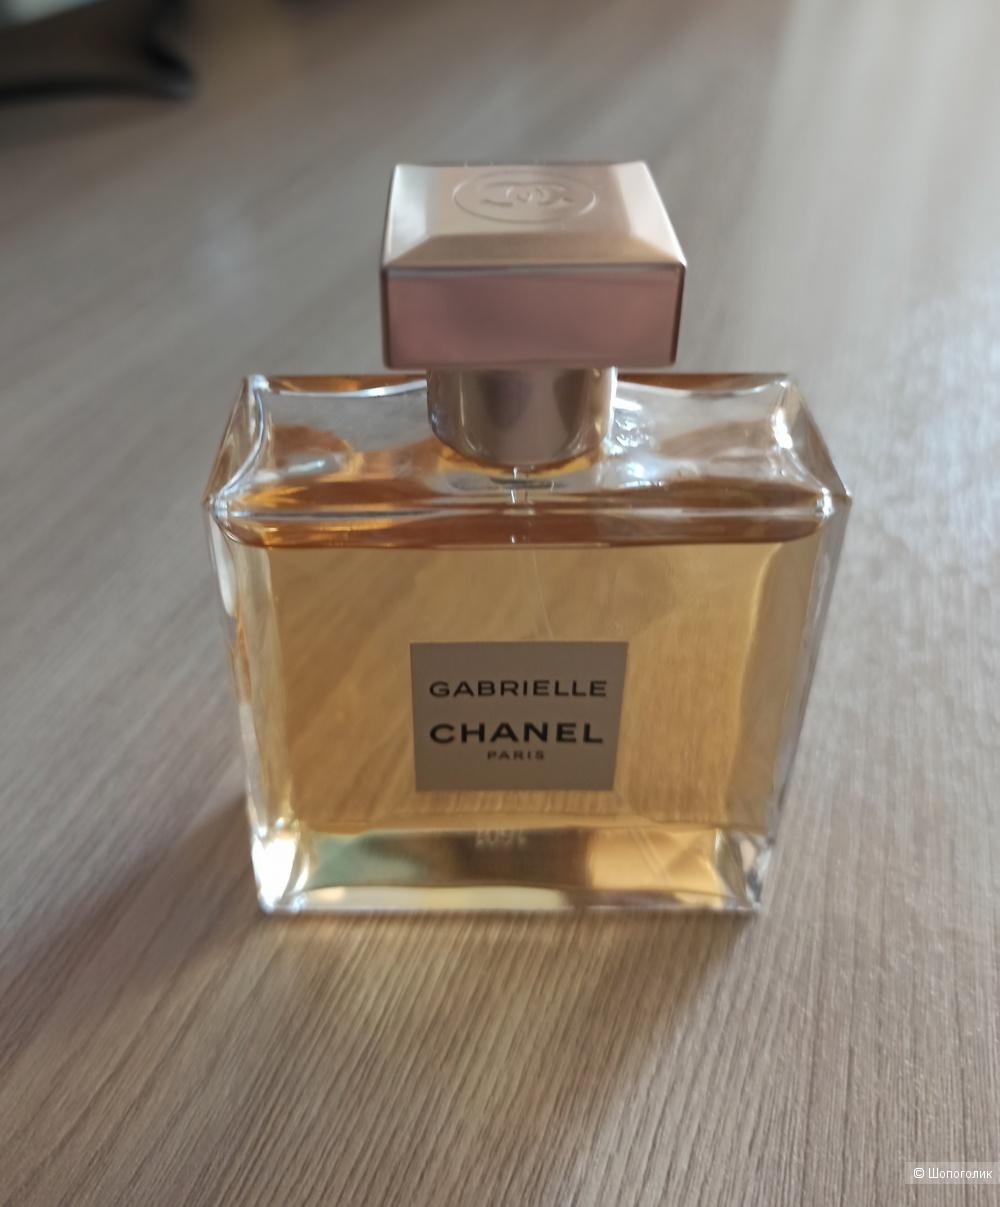 Chanel Gabrielle eau de parfum,50 ml